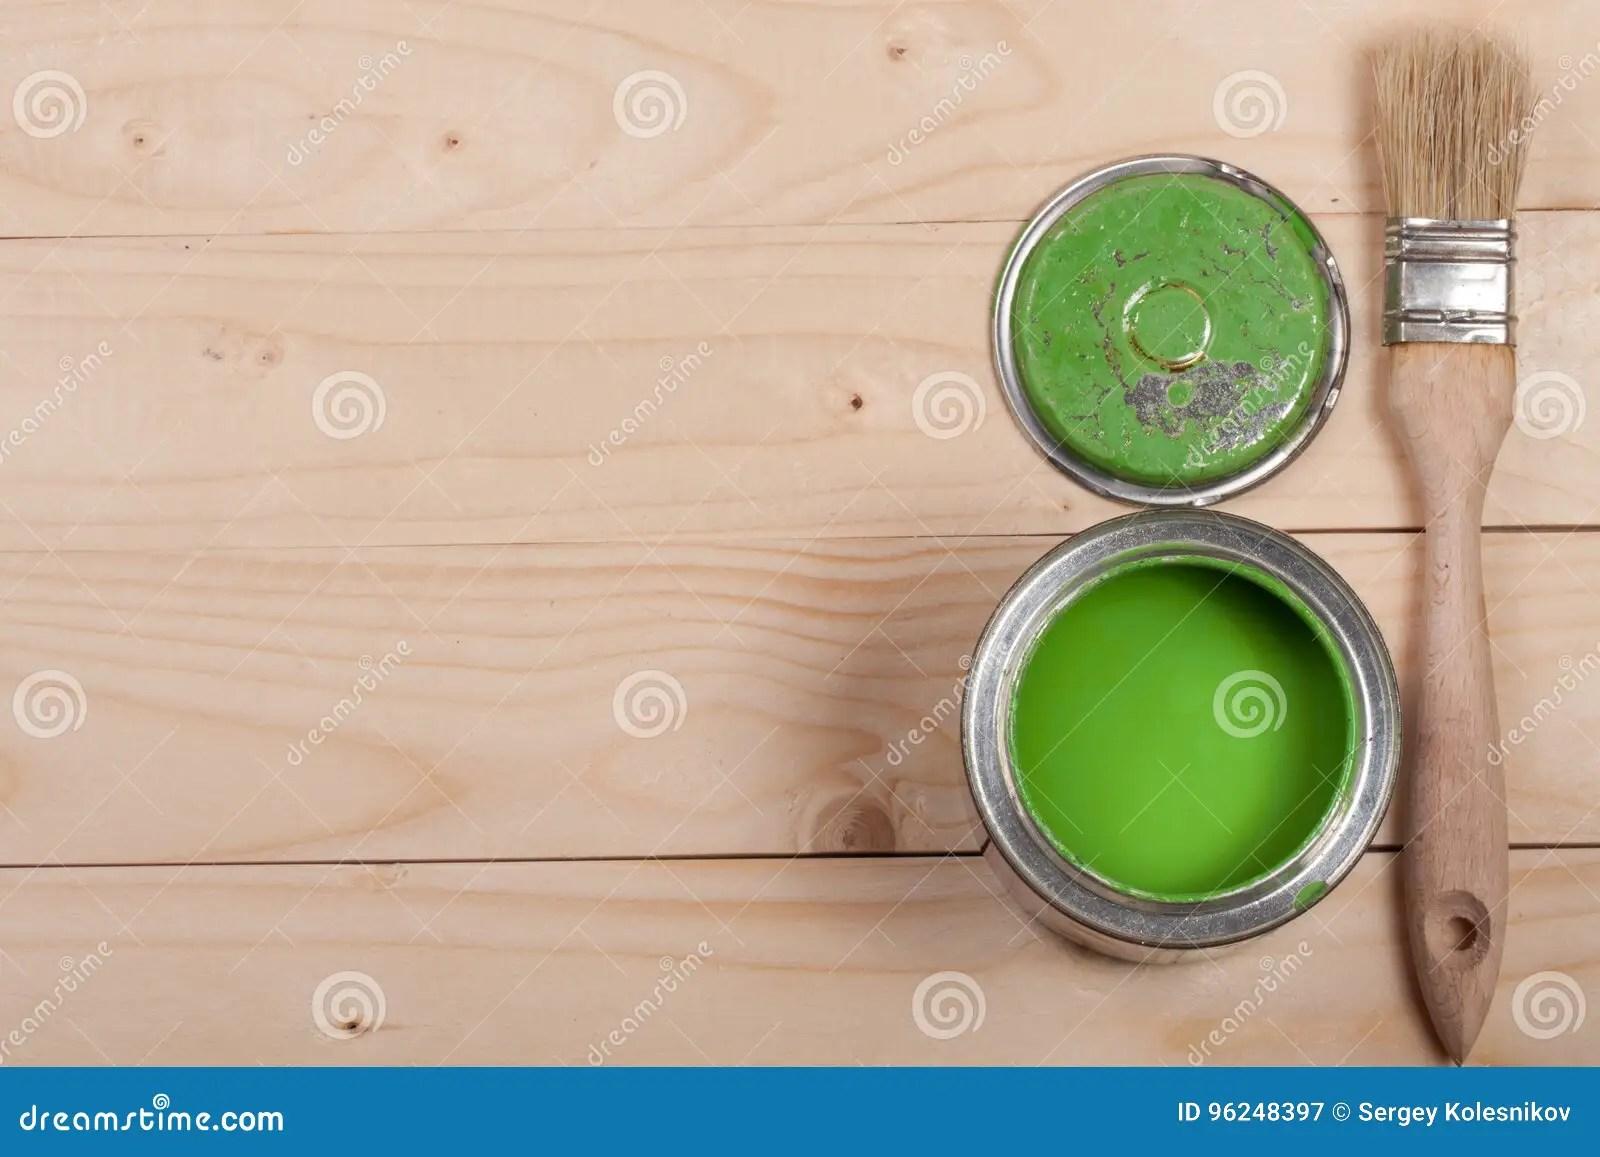 Groene Verf In De Bank Aan Reparatie En Borstel Op De